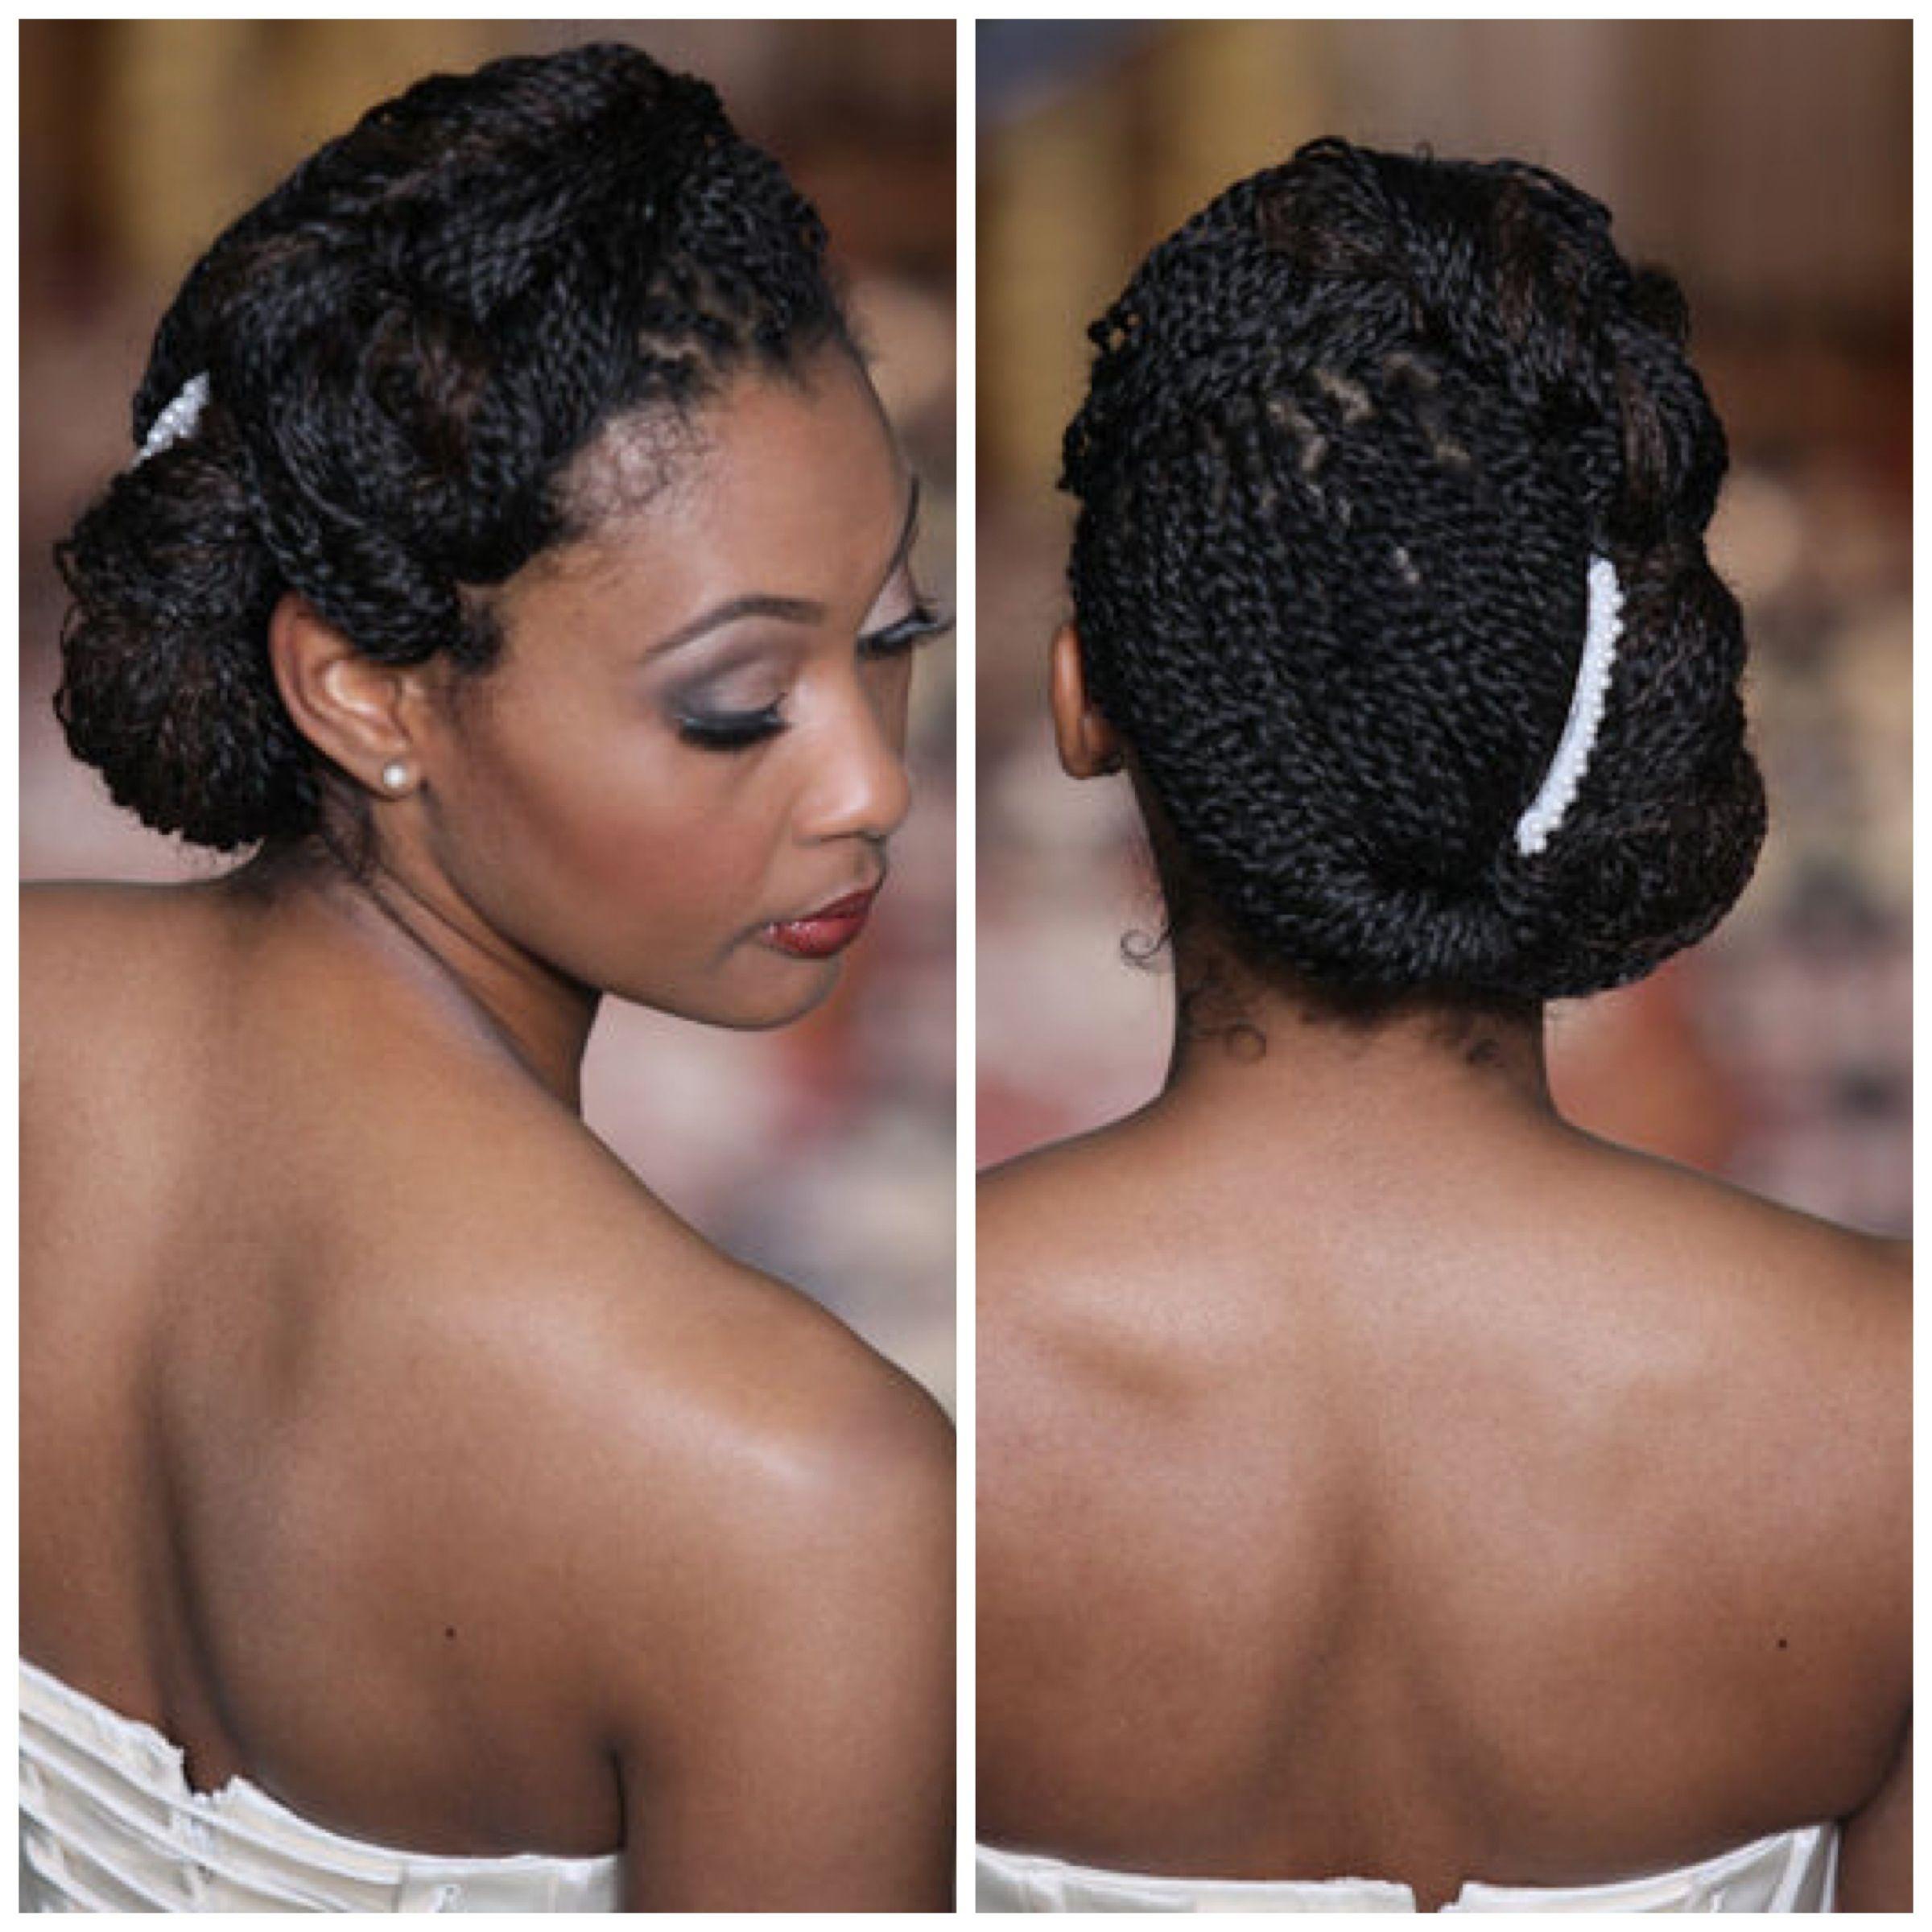 ghana-hair-style6 (2400×2400) | hair style ideas for natural